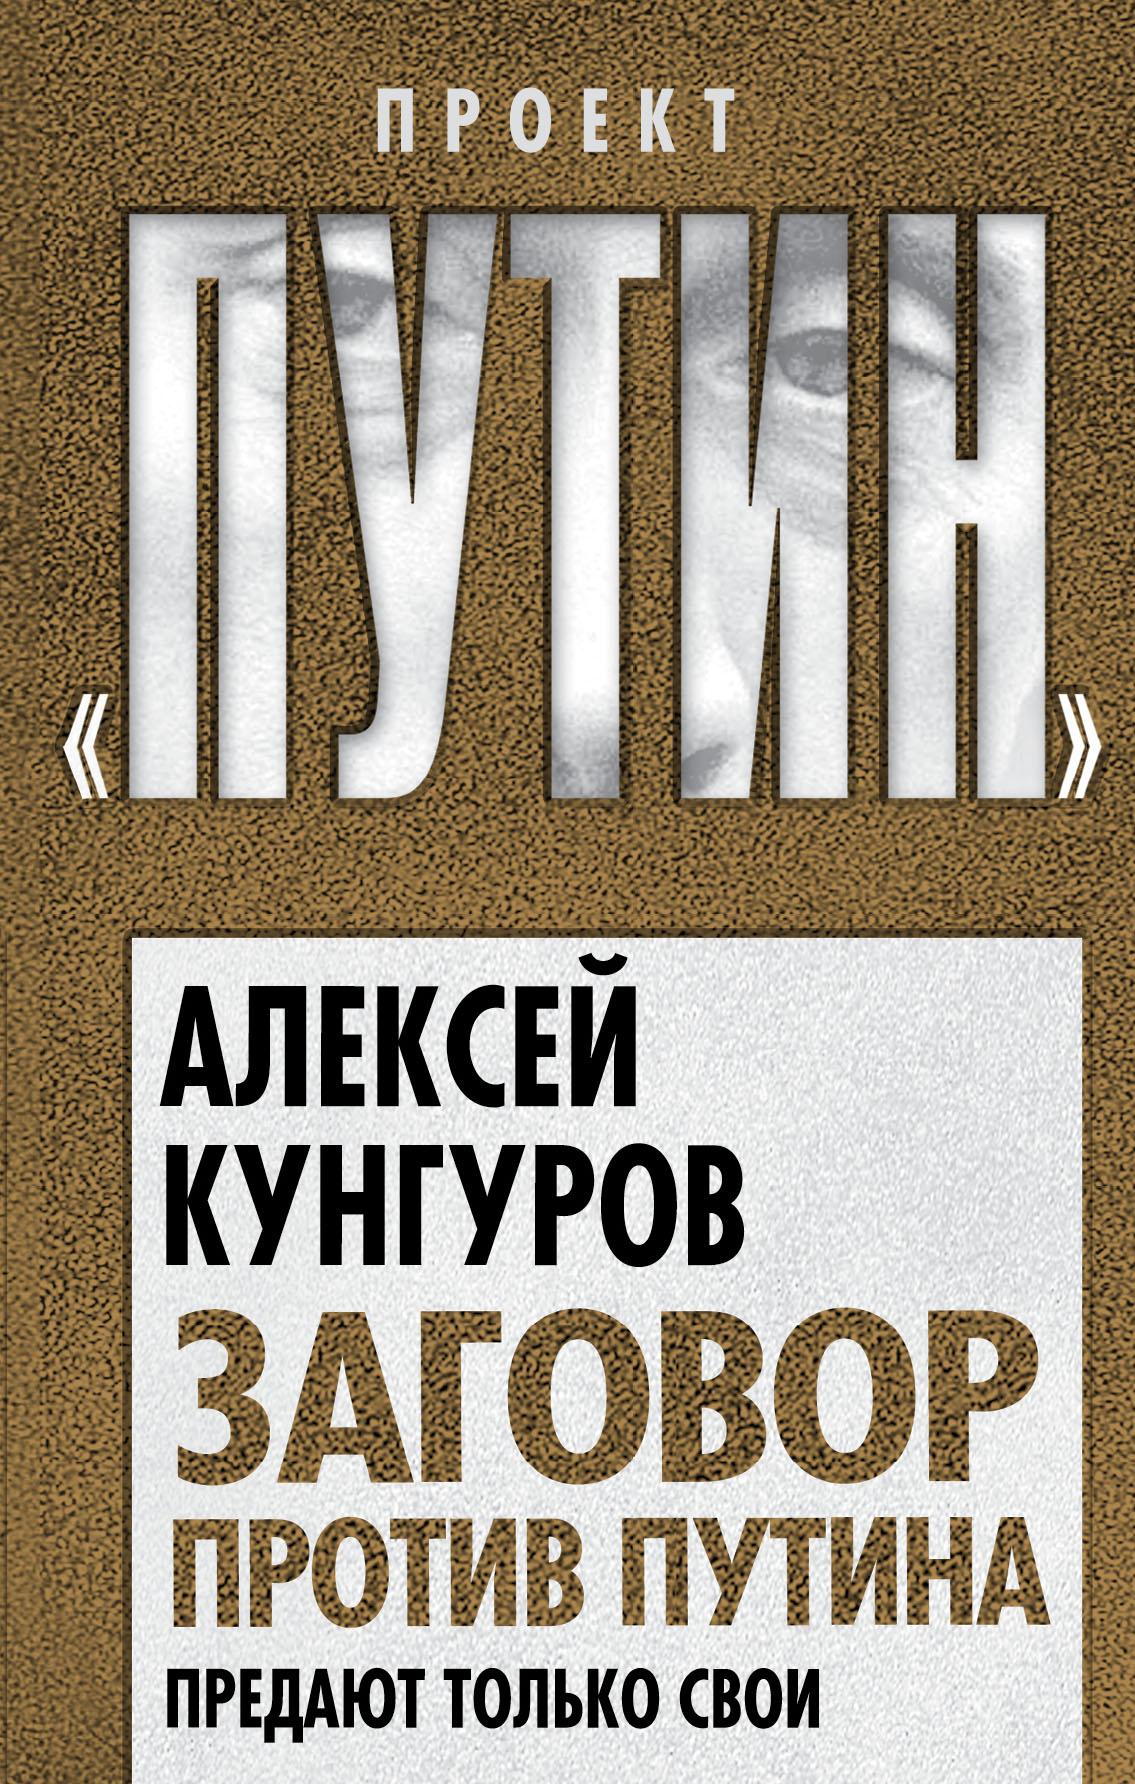 Алексей Кунгуров Заговор против Путина. Предают только свои евгений кунгуров с любовью к женщине